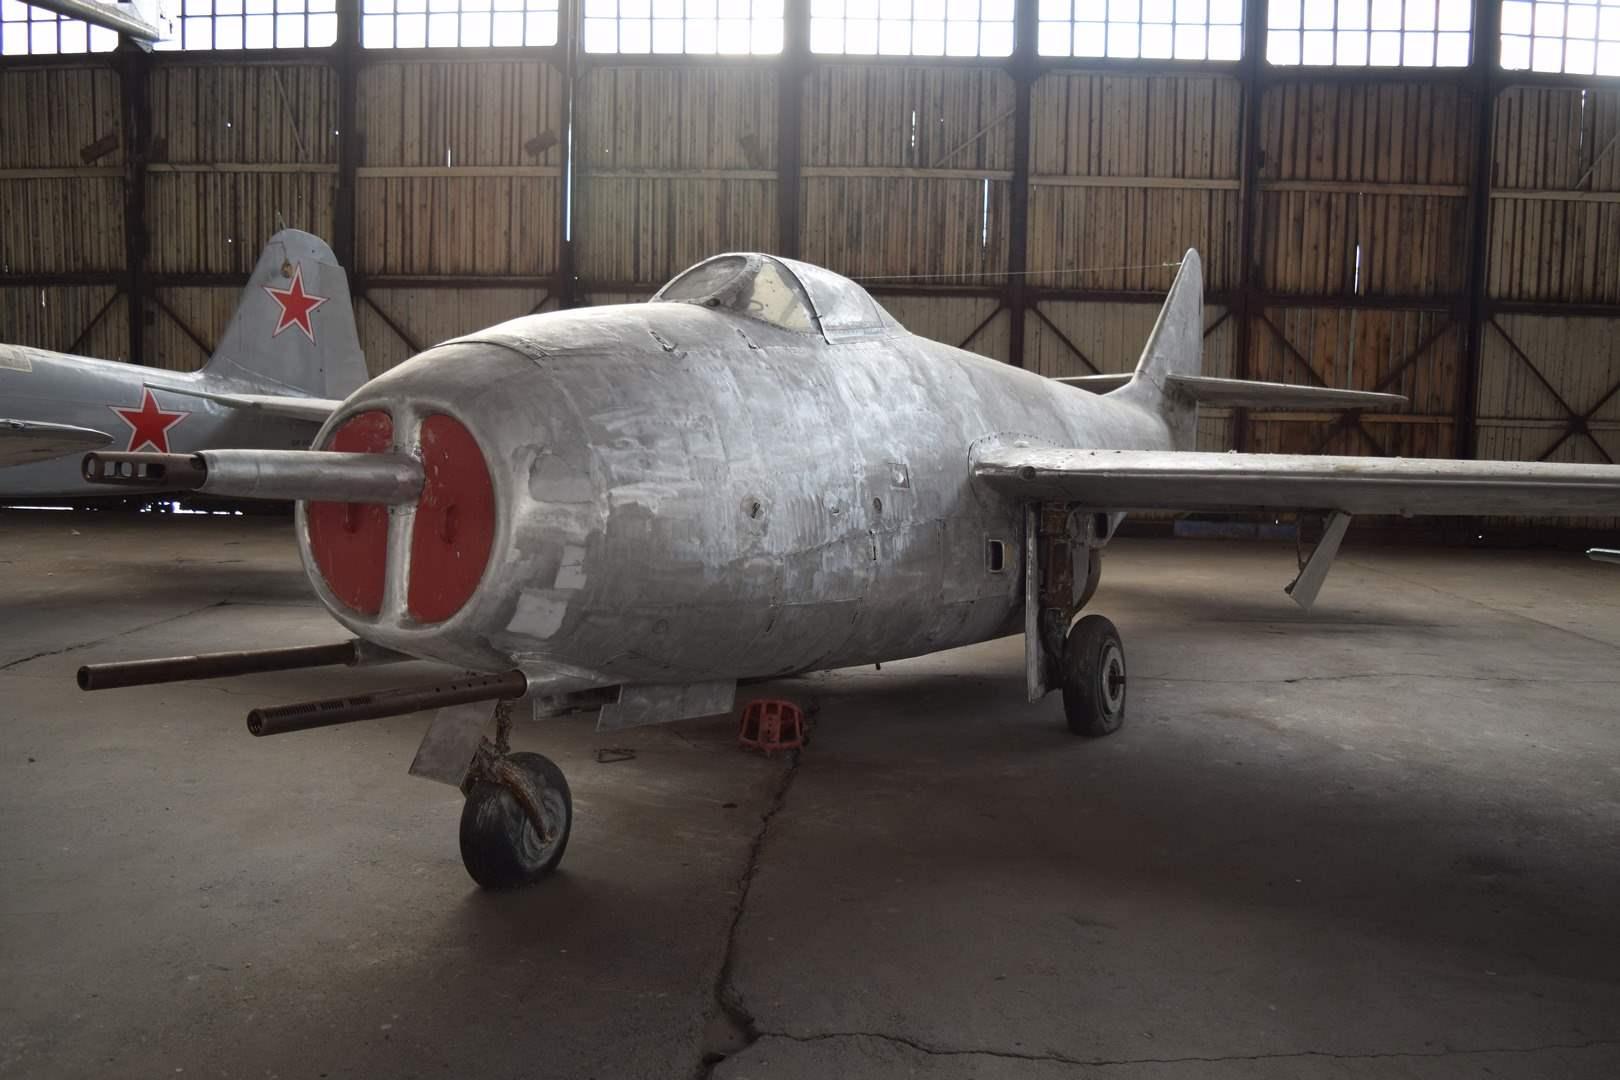 C:\Users\vadim\Documents\Наработки текста по самолетам\Ангар 8\Самолет МиГ-9\DSC_0221 МиГ-9 спереди справо (Копировать).JPG